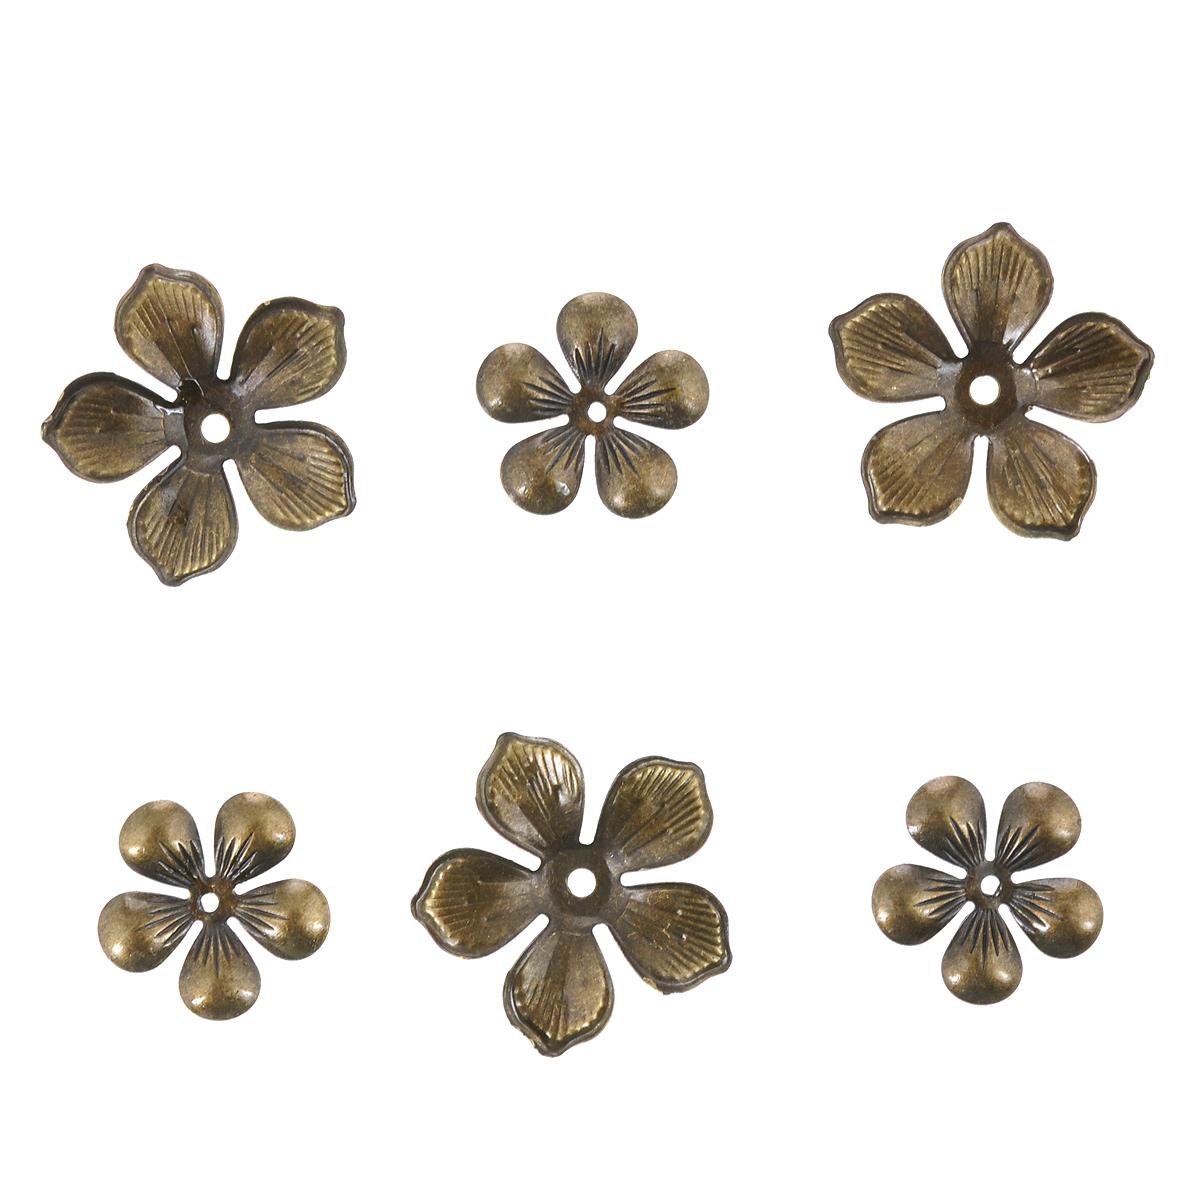 Декоративный элемент ScrapBerrys, цвет: бронзовый, 6 штSCB0707003Набор ScrapBerrys изготовлен из металла и предназначен для декорирования в различных техниках. С их помощью вы сможете украсить альбом, одежду, подарок и другие предметы ручной работы. Декоративные элементы в наборе изготовлены в виде цветков. Скрапбукинг - это хобби, которое способно приносить массу приятных эмоций не только человеку, который этим занимается, но и его близким, друзьям, родным. Это невероятно увлекательное занятие, которое поможет вам сохранить наиболее памятные и яркие моменты вашей жизни, а также интересно оформить интерьер дома. Диаметр элемента: 17 мм, 24 мм.